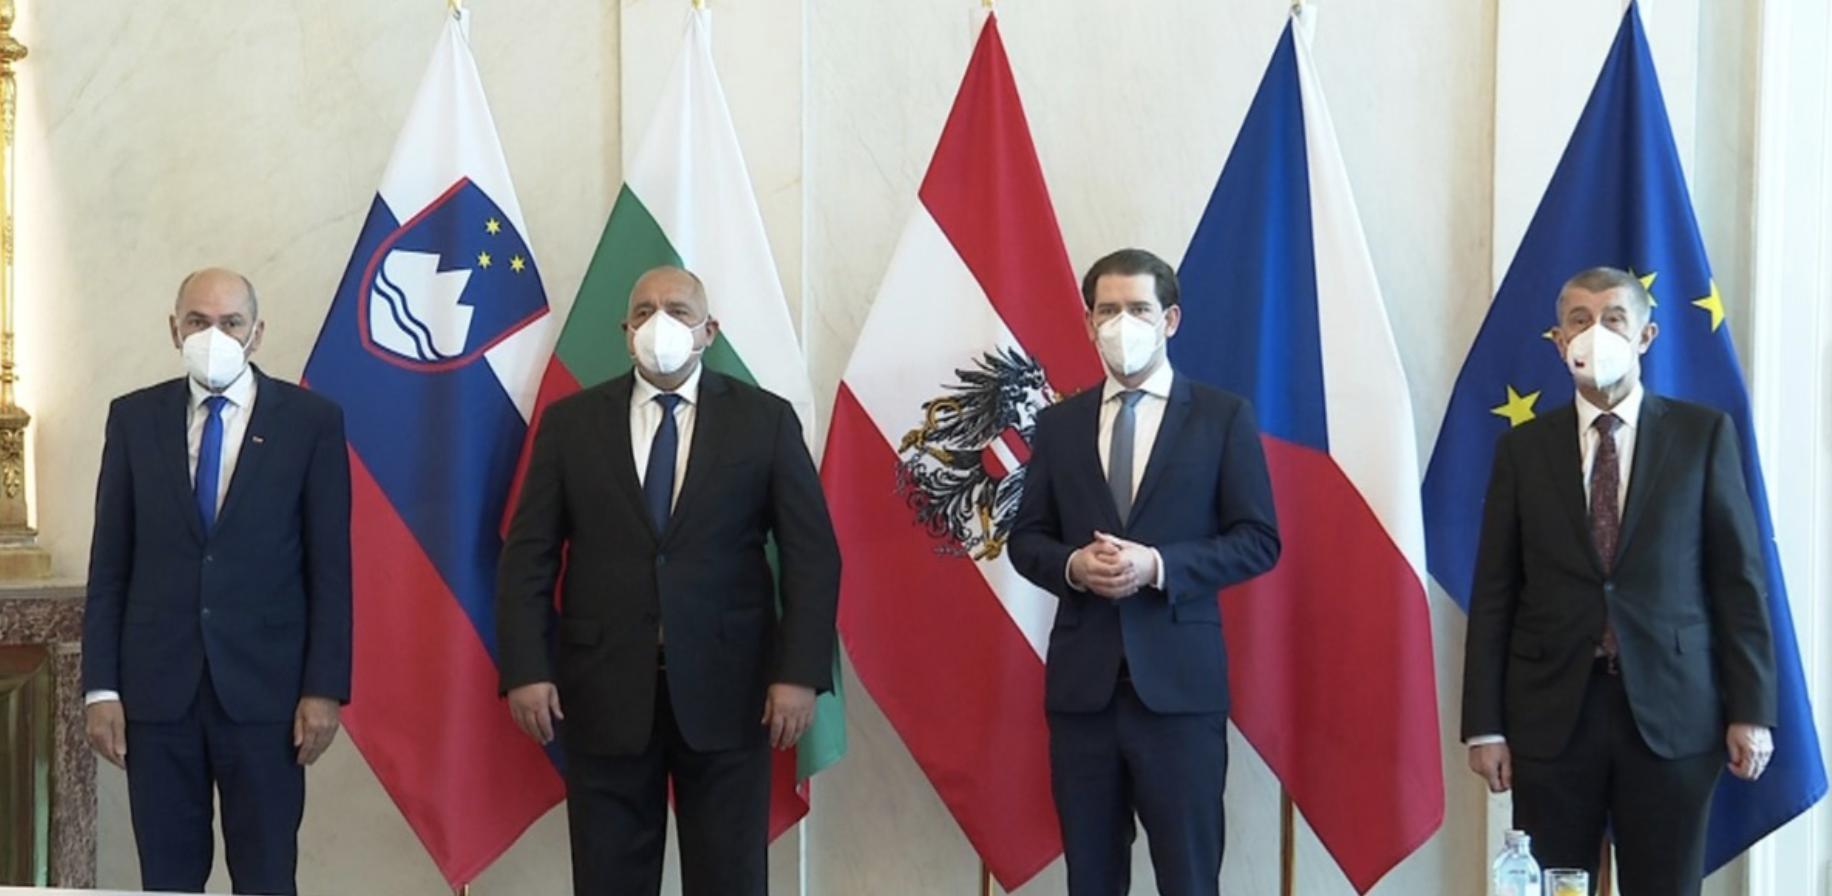 Βουλγαρία: Δίκαιη κατανομή των εμβολίων στην ΕΕ ζήτησε ο Borissov